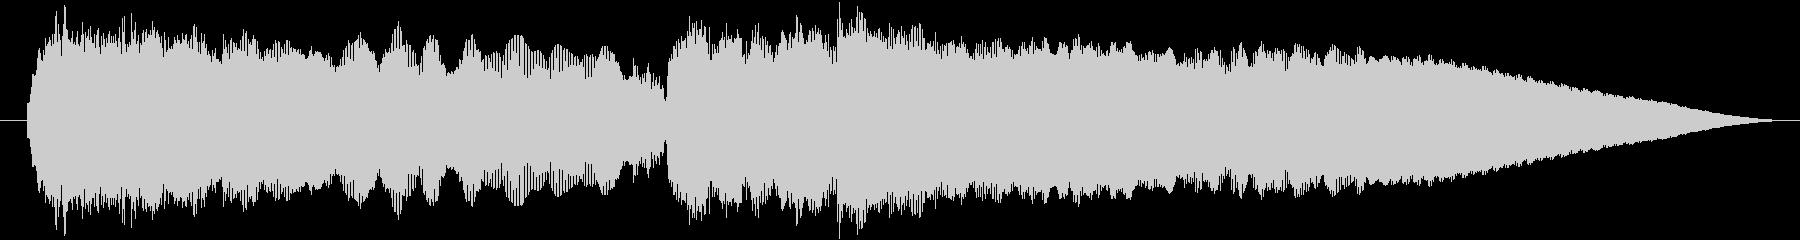 ベートーヴェン 5番 運命 エレキギターの未再生の波形